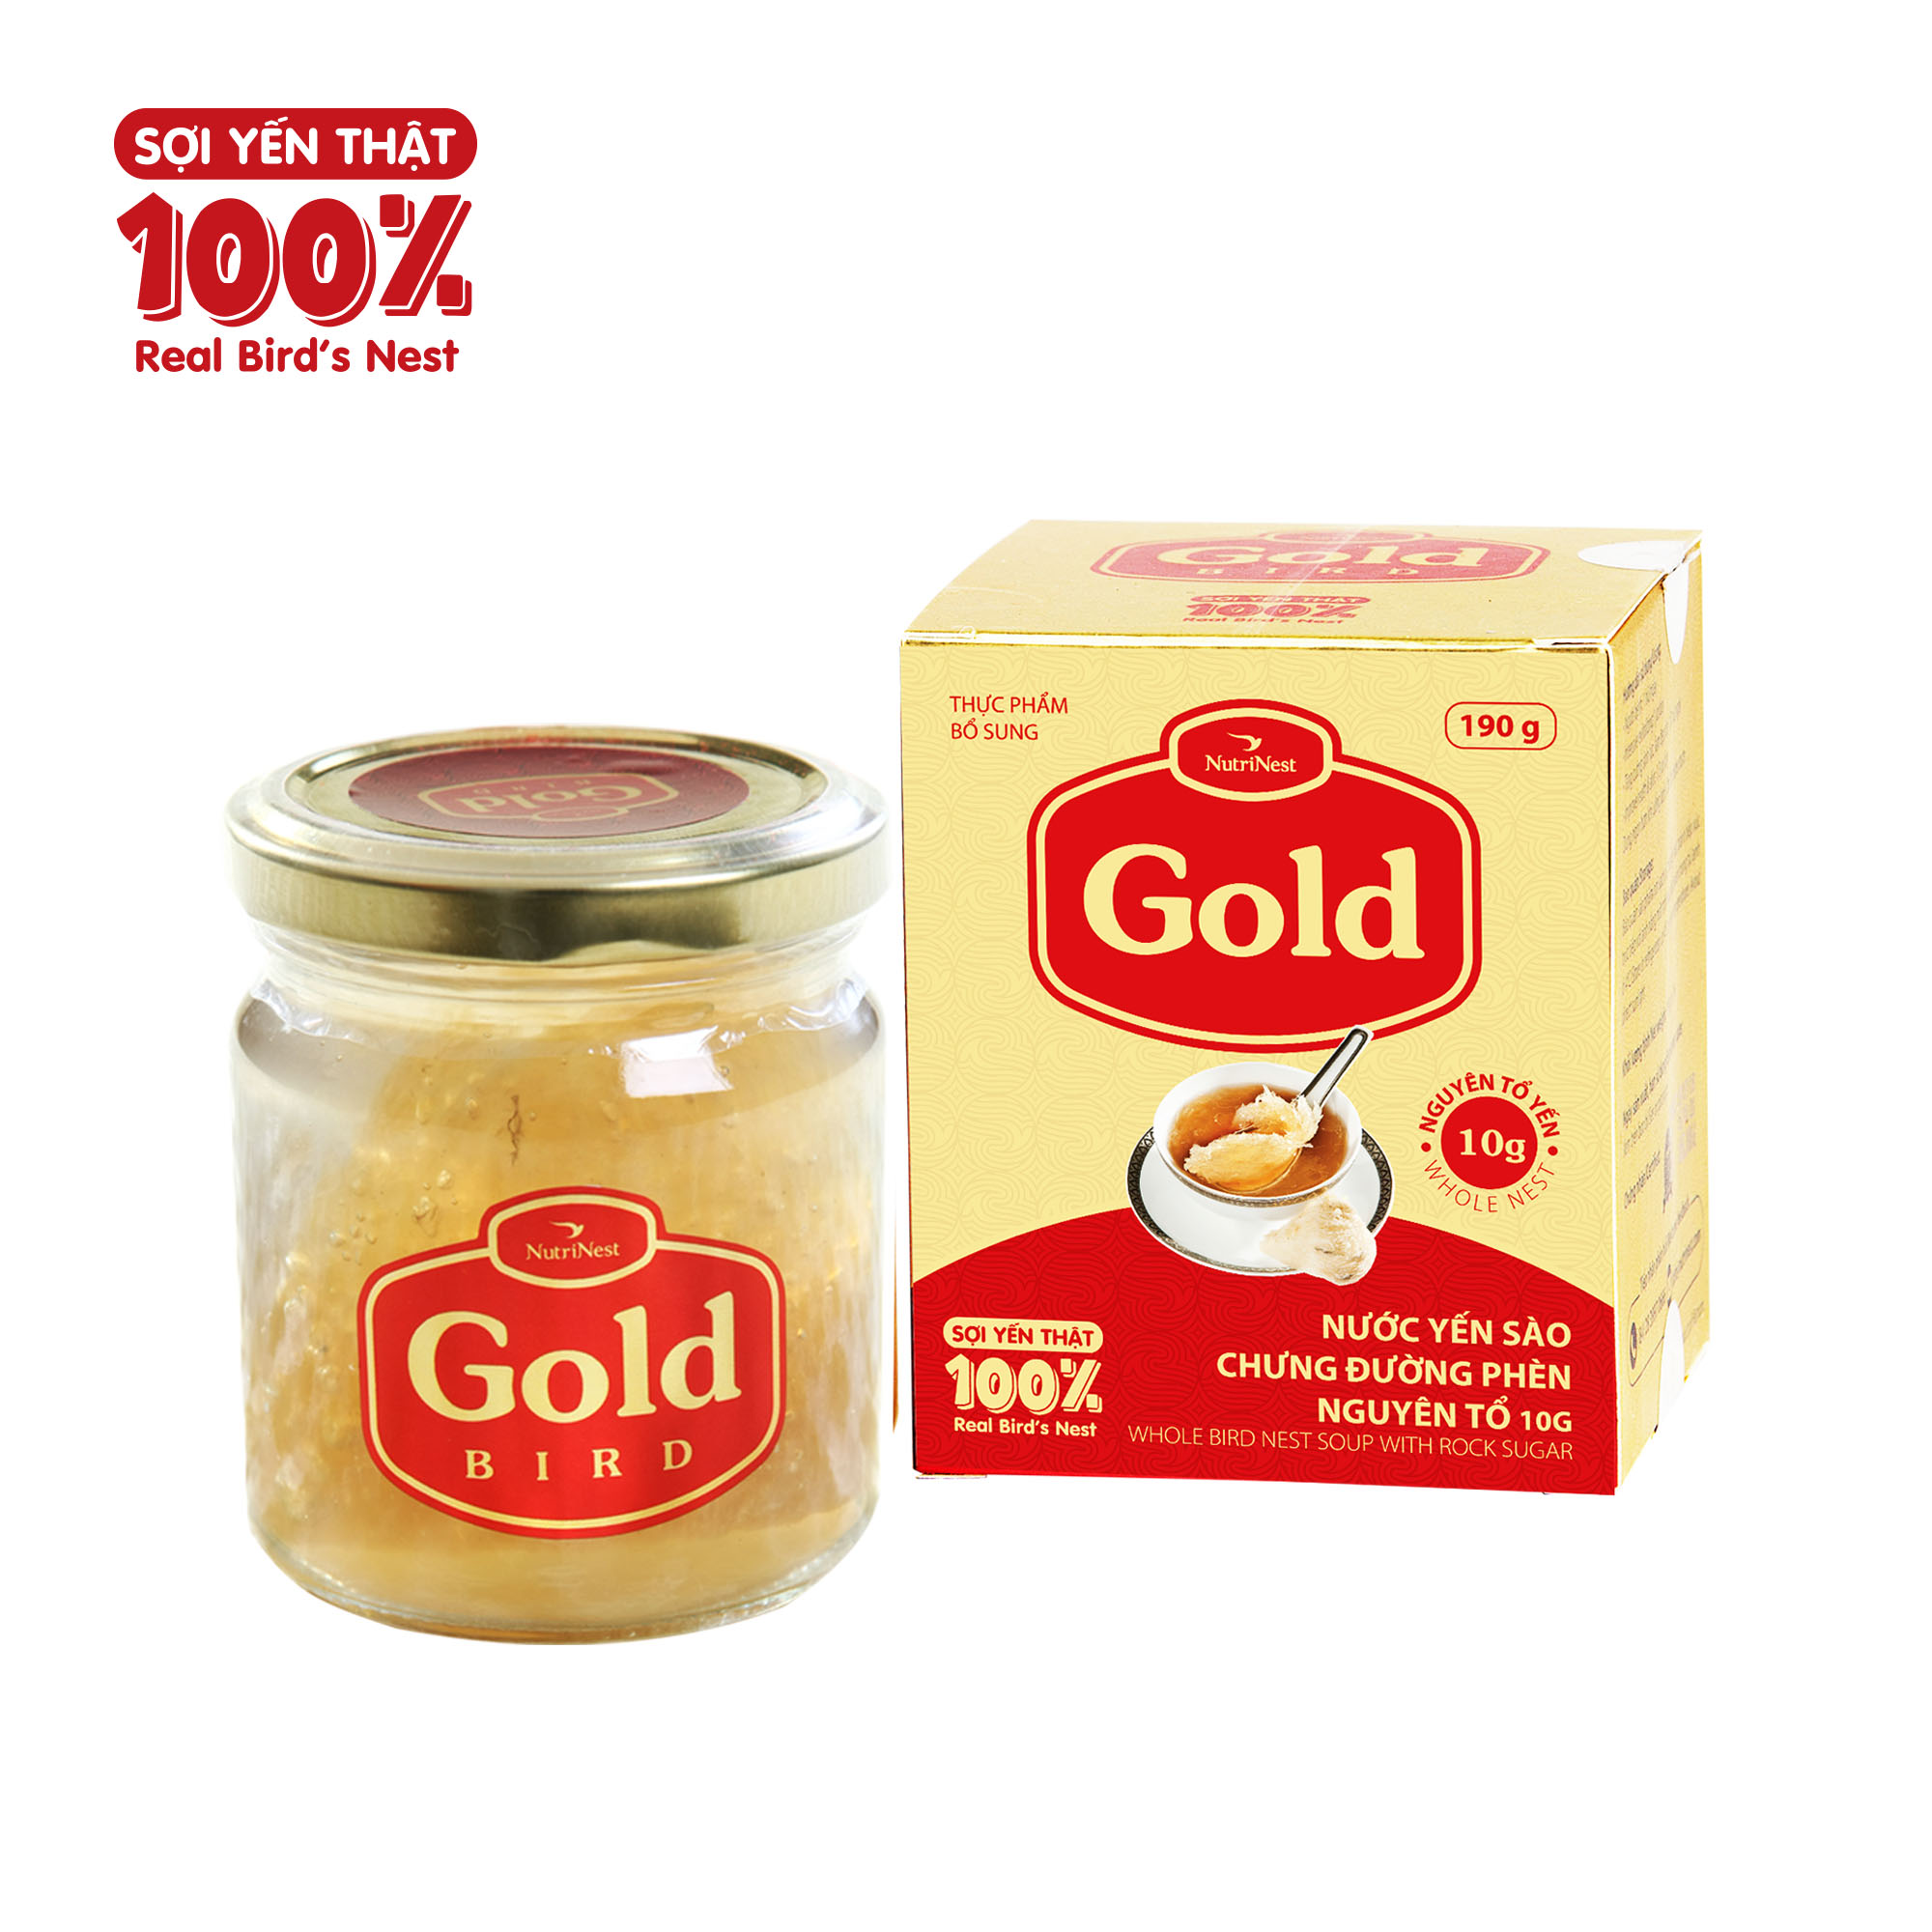 Gold - Nước Yến Sào Nguyên Tổ Chưng Đường Phèn - Hũ Đơn (190g)